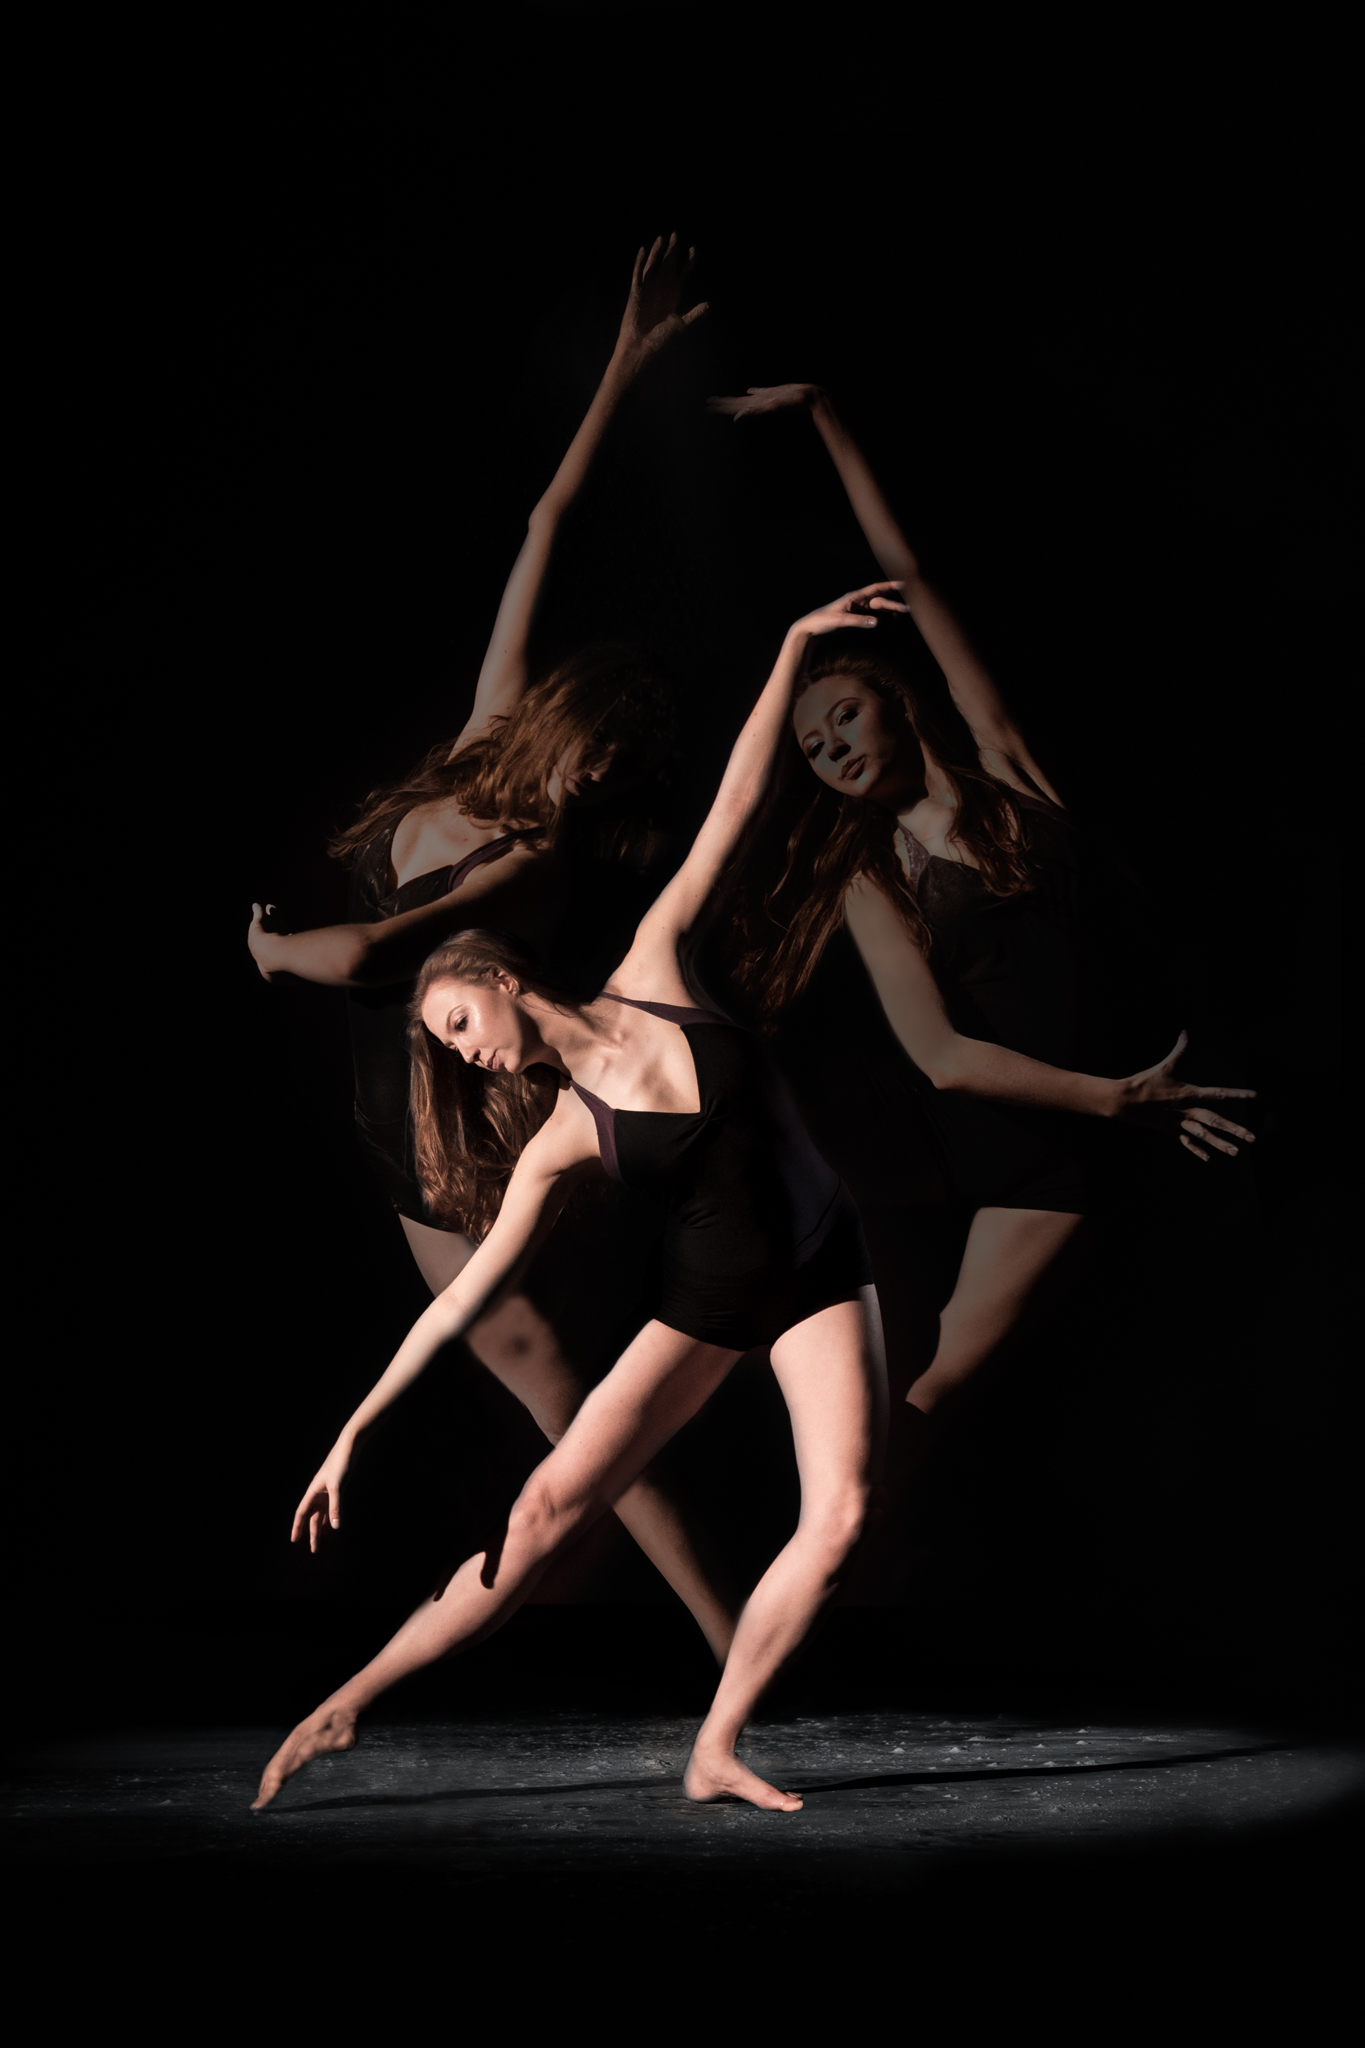 Taniec Balet Lublin Jerzy Bednarski